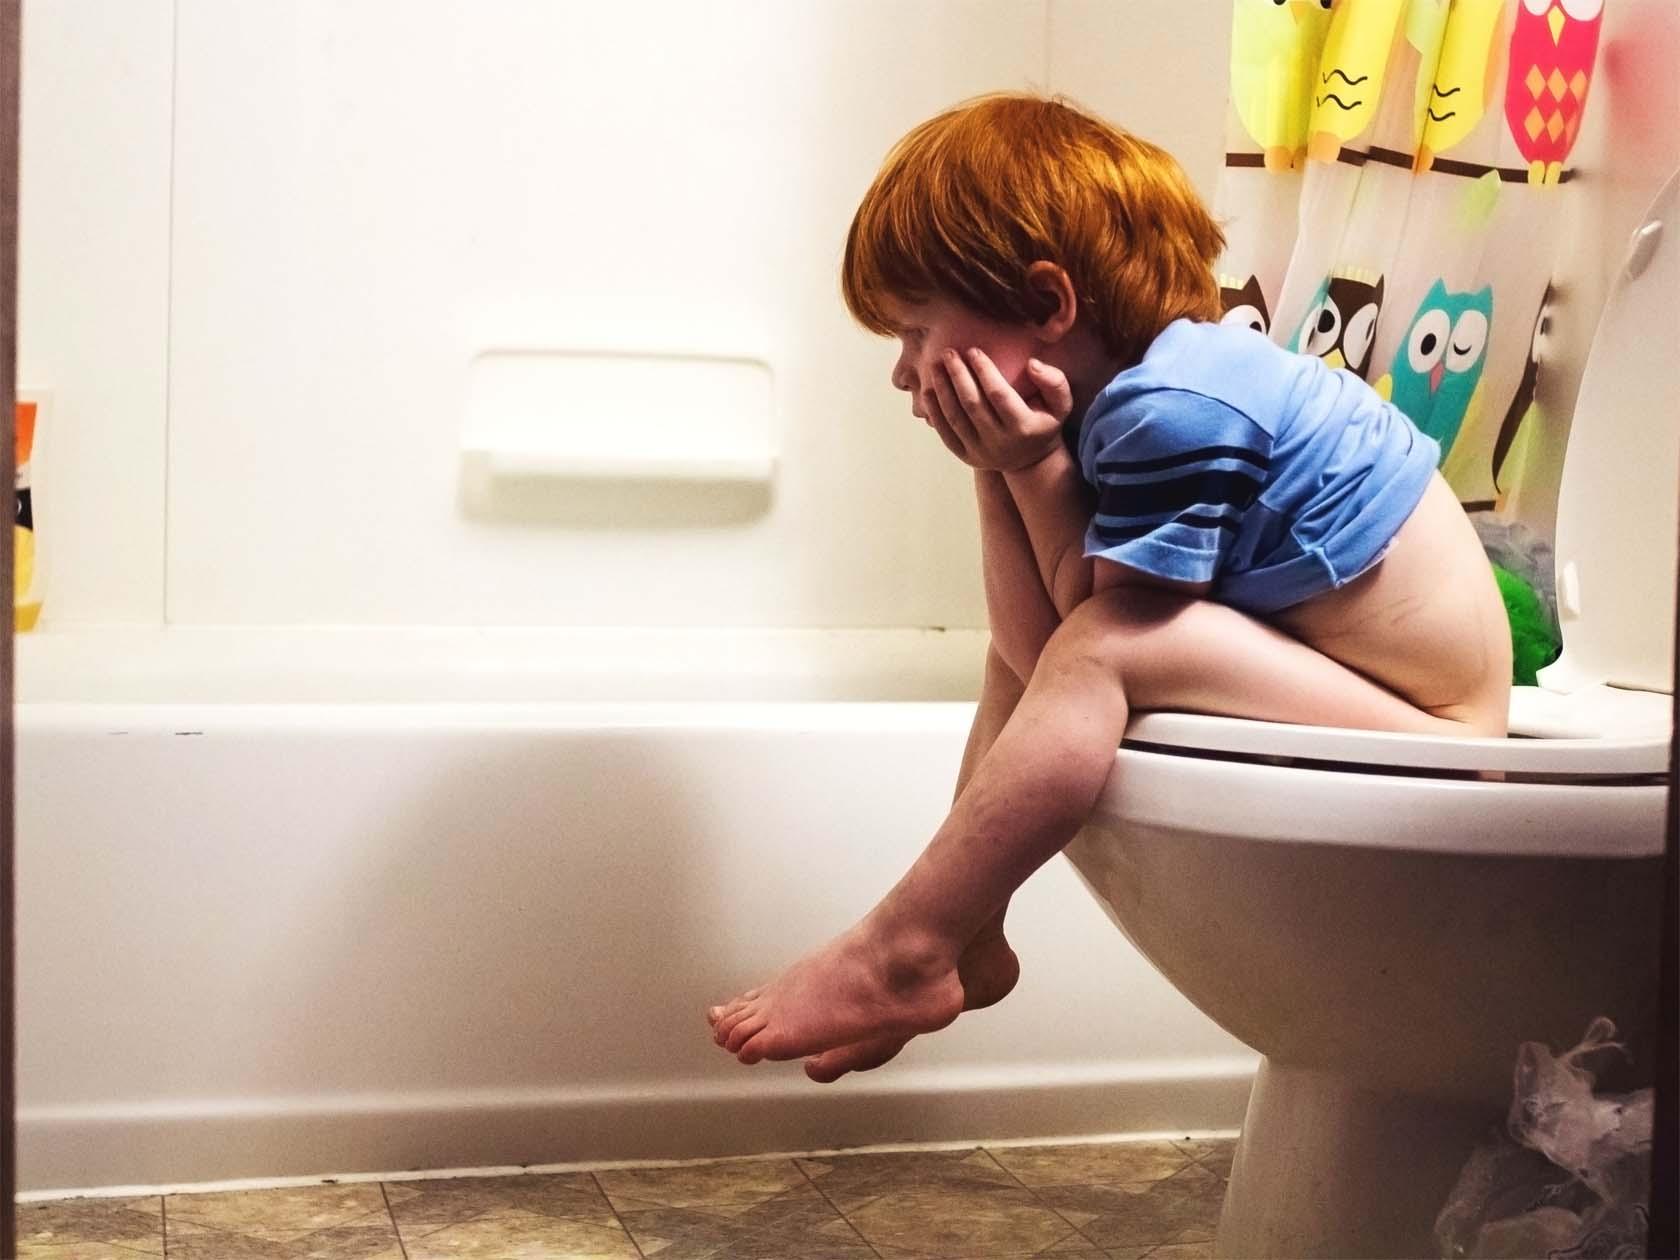 Make Sure Your Child Regularly Urinates